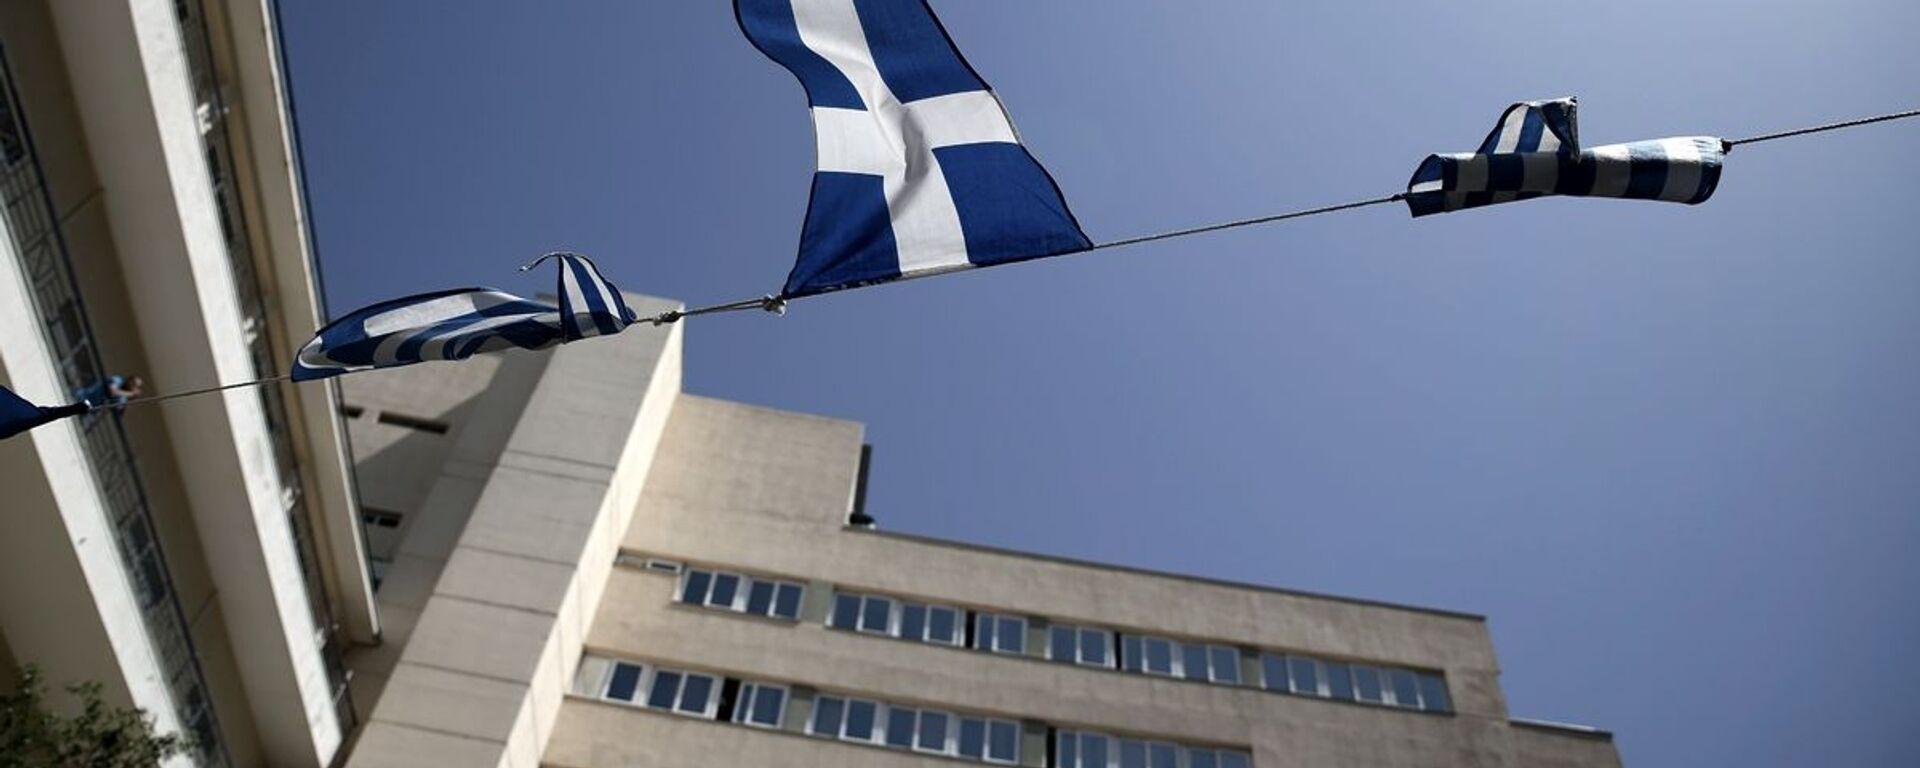 Νοσοκομείο Άγιος Σάββας - Sputnik Ελλάδα, 1920, 05.10.2021